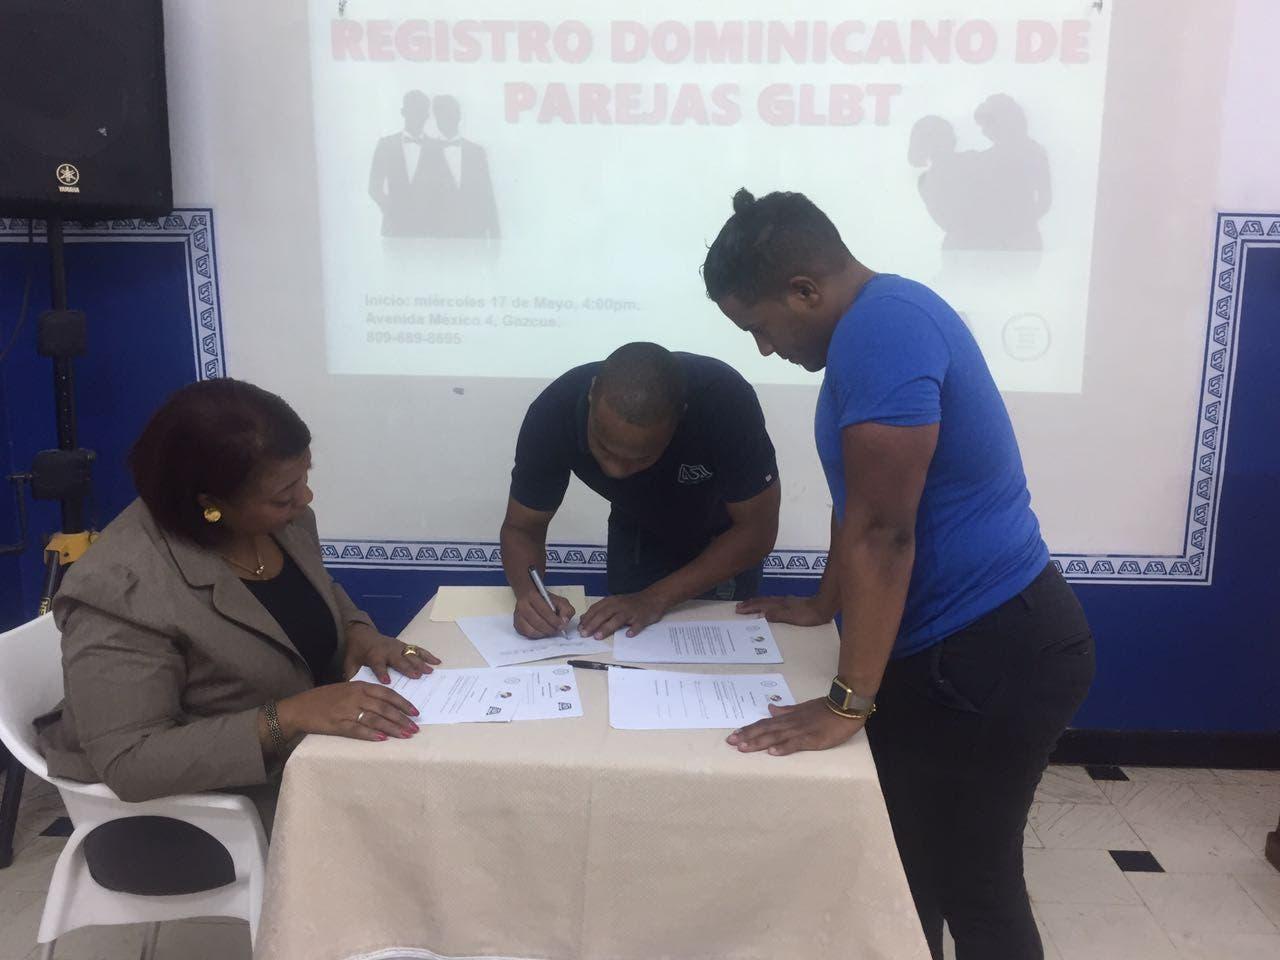 Sociedad civil inicia registro de parejas LGTB en República Dominicana